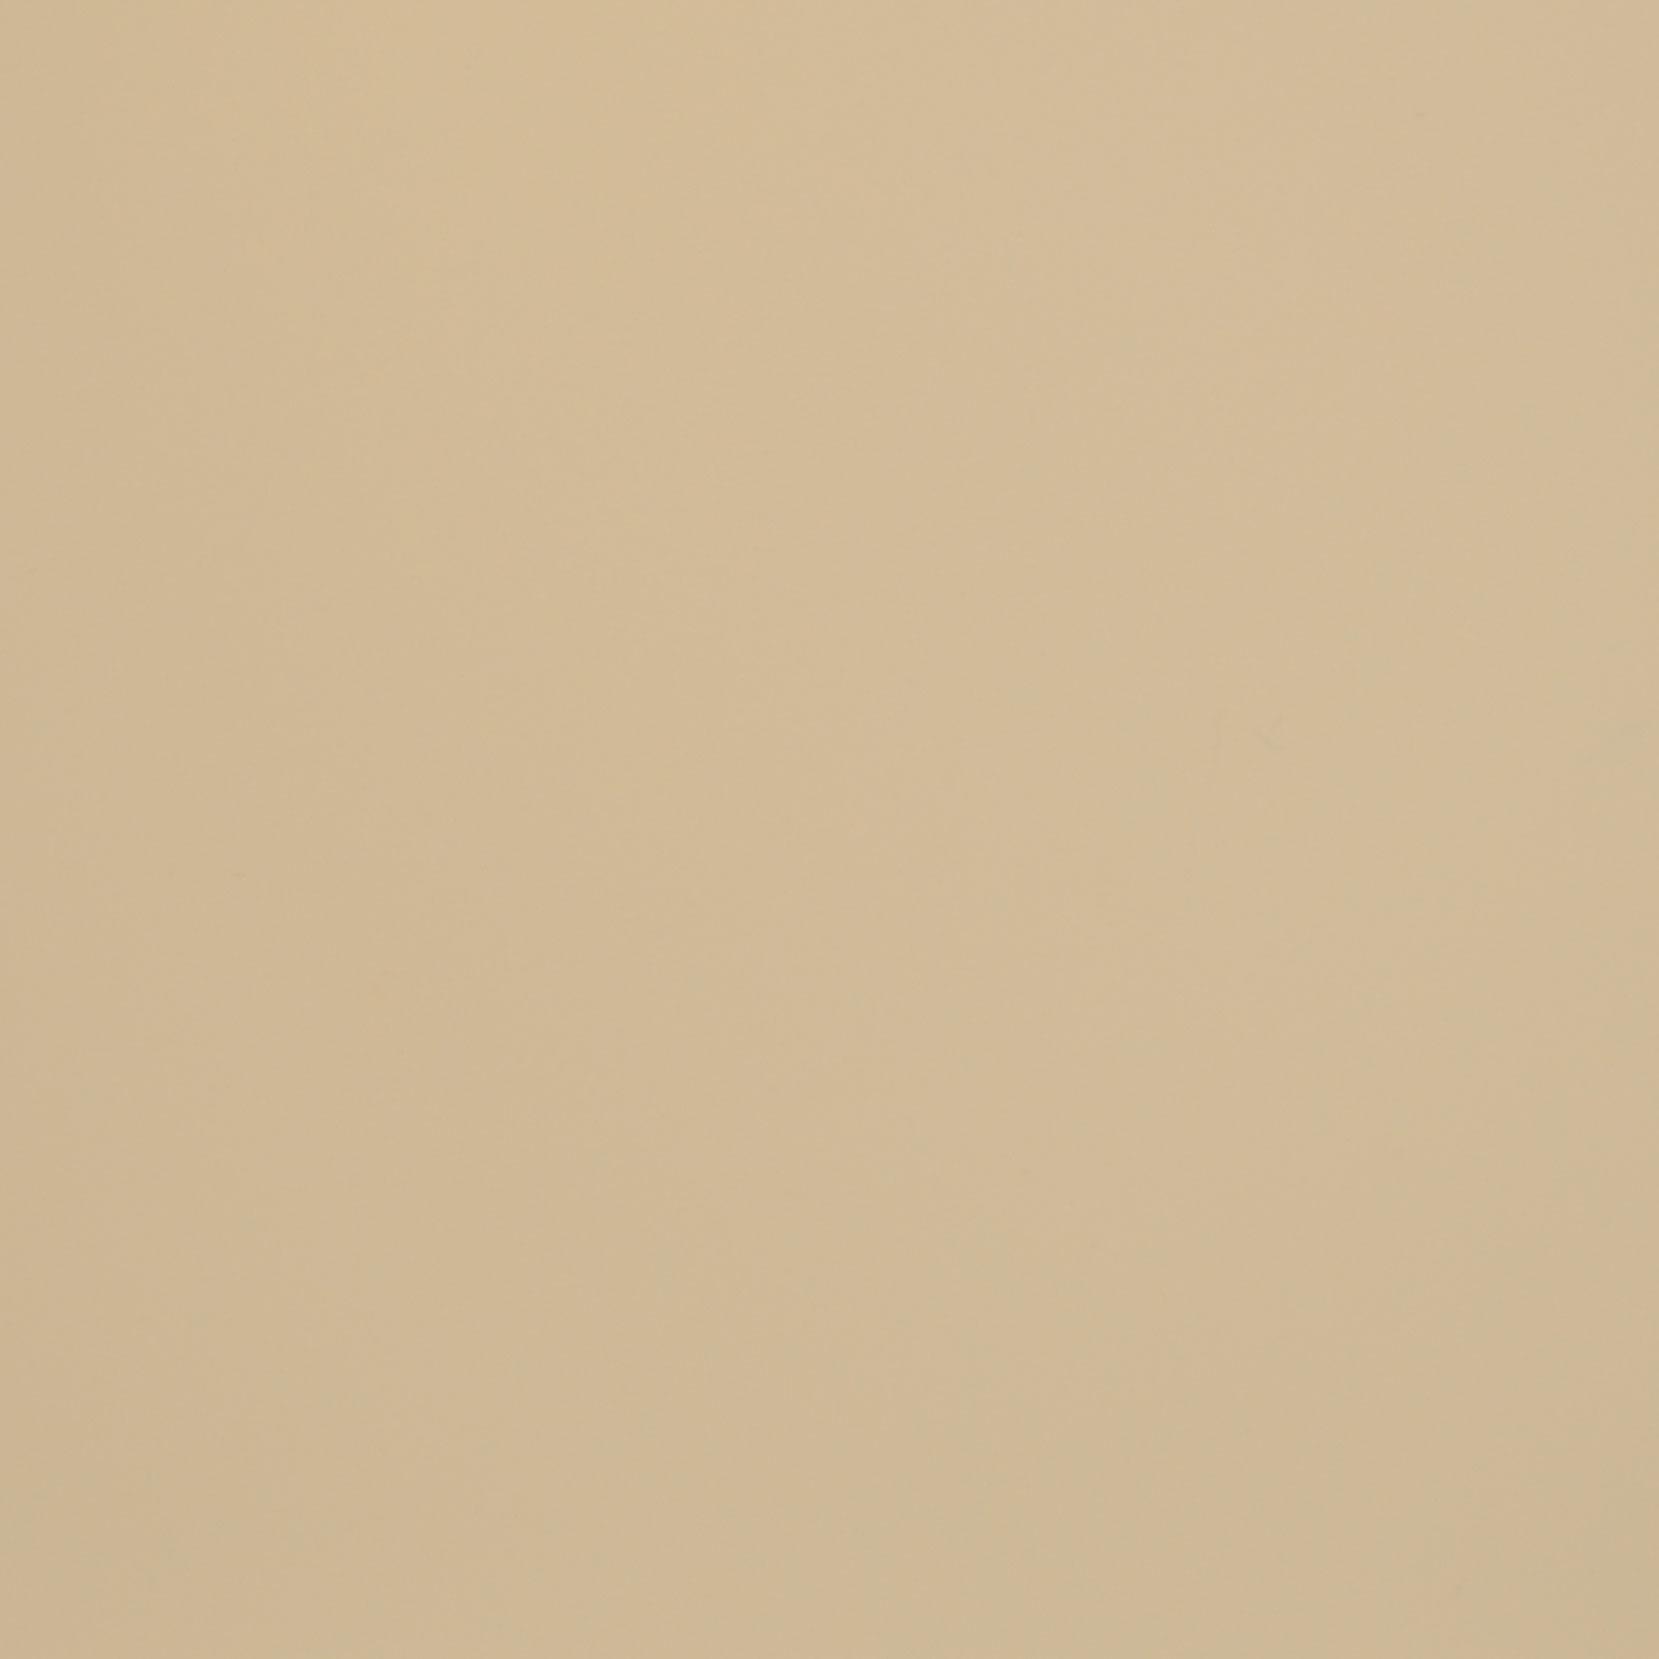 Изображение - Пленка ПВХ Soft-touch ваниль для мебельных фасадов МДФ